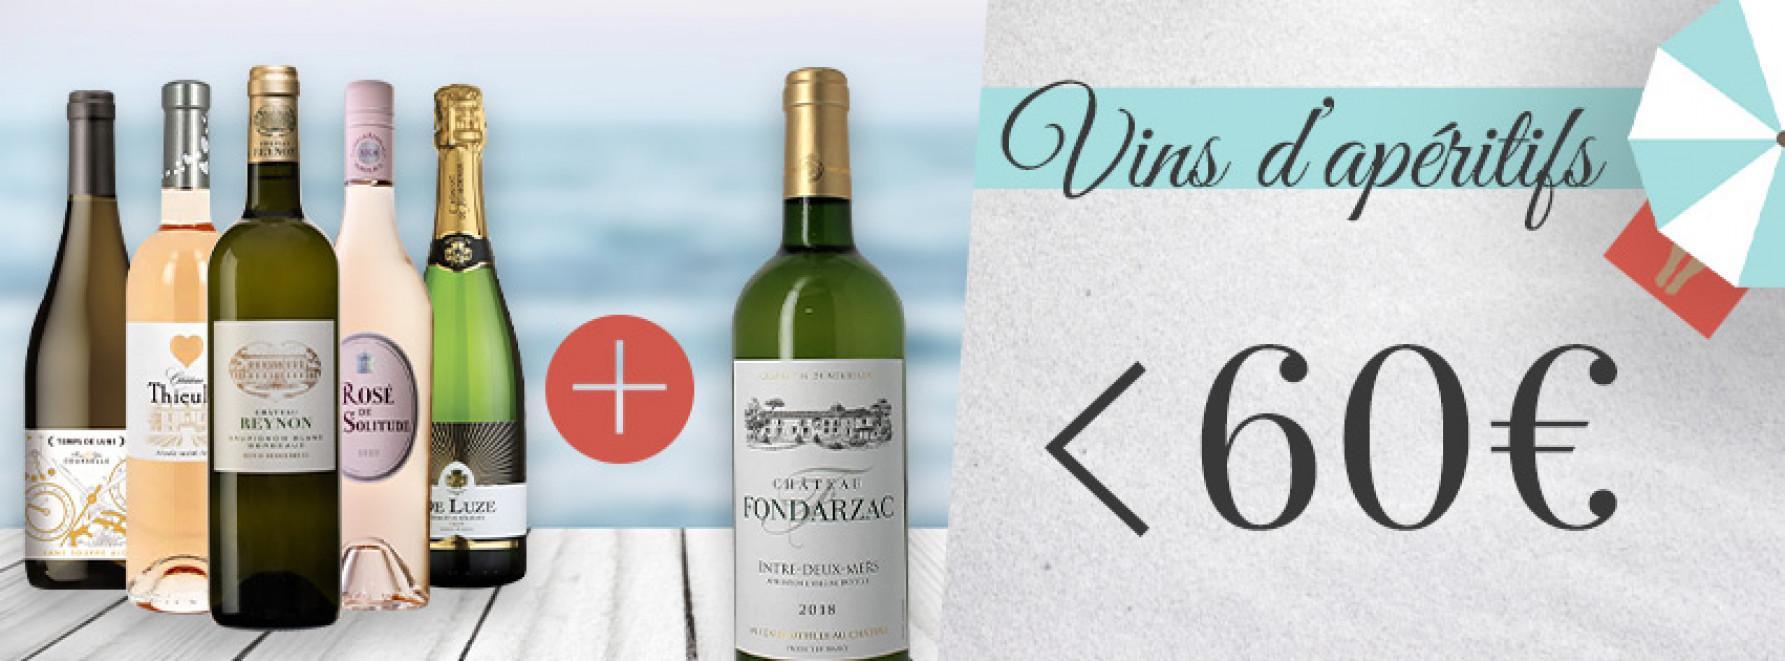 Collection vins d'apéritif <60€ grâce à la 6ème bouteille offerte